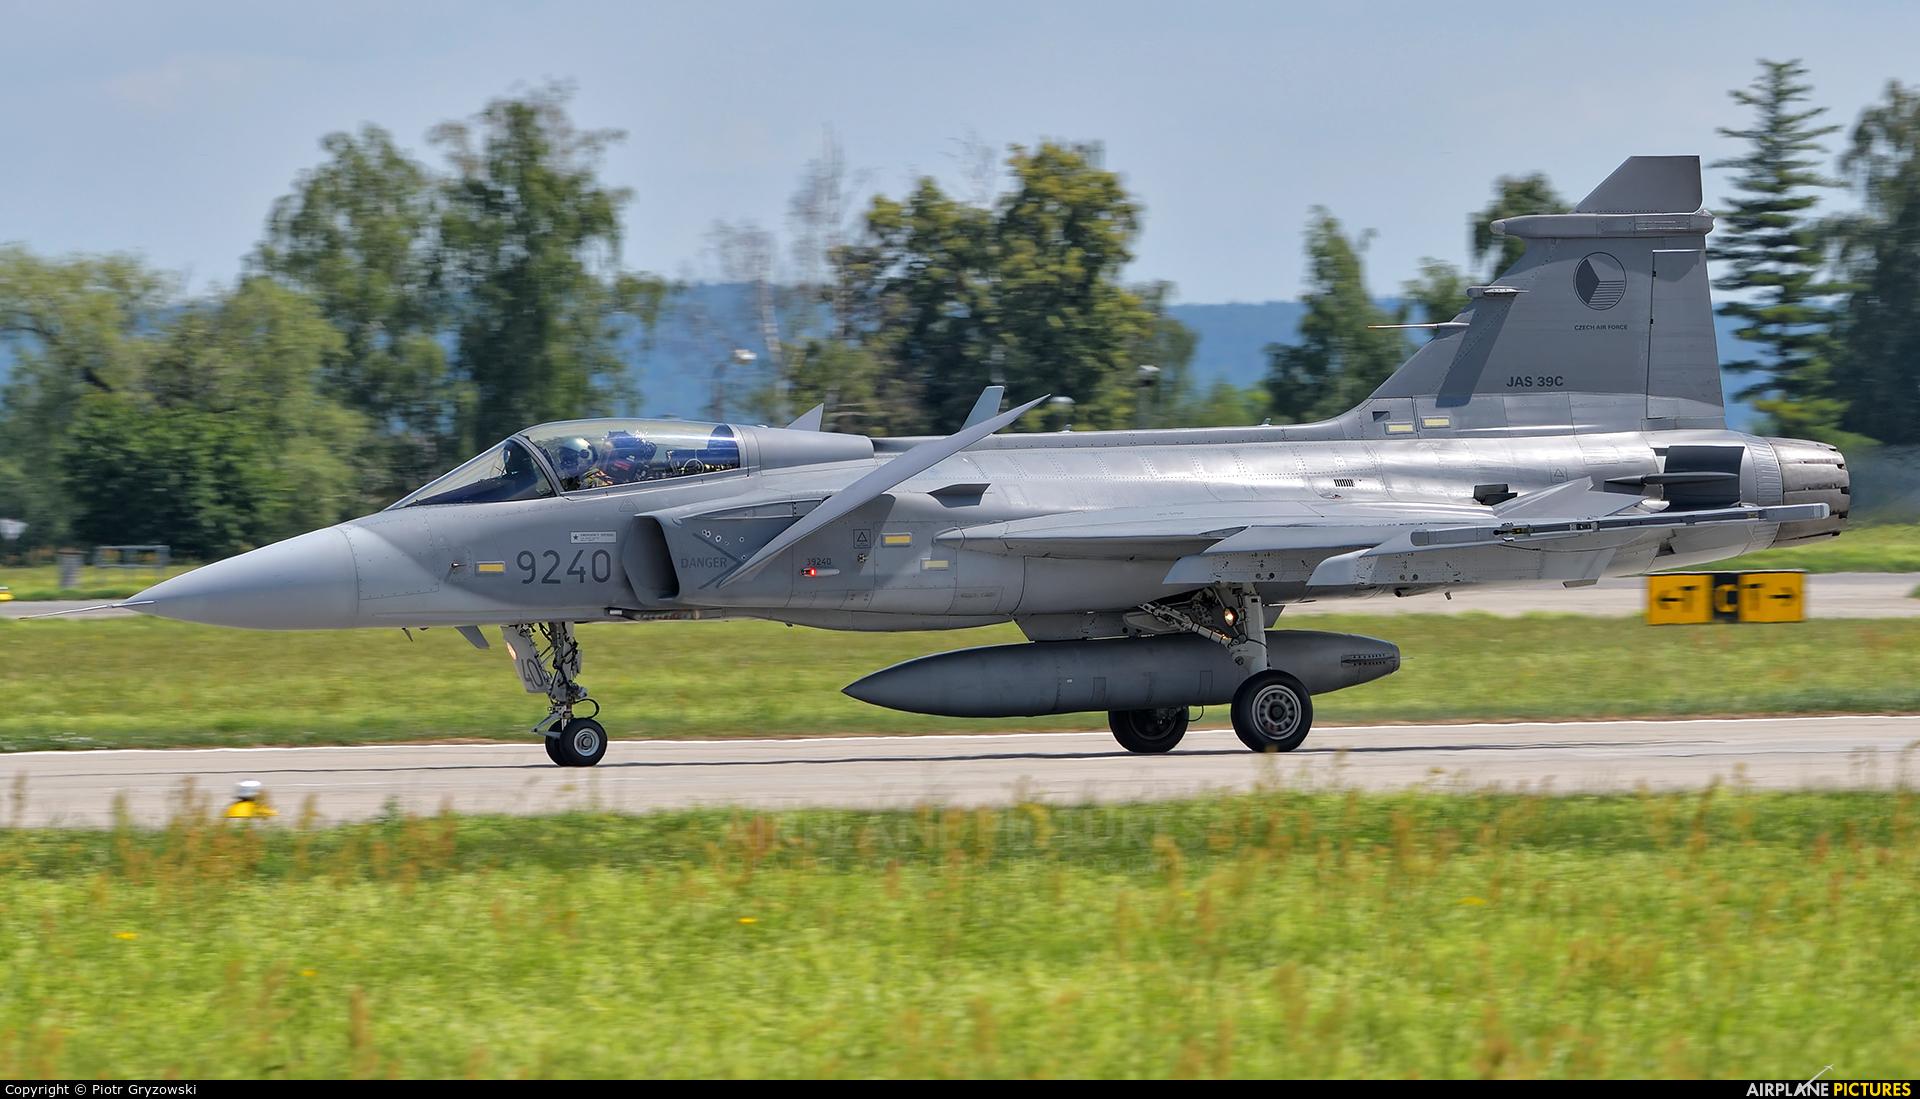 Czech - Air Force 9240 aircraft at Čáslav